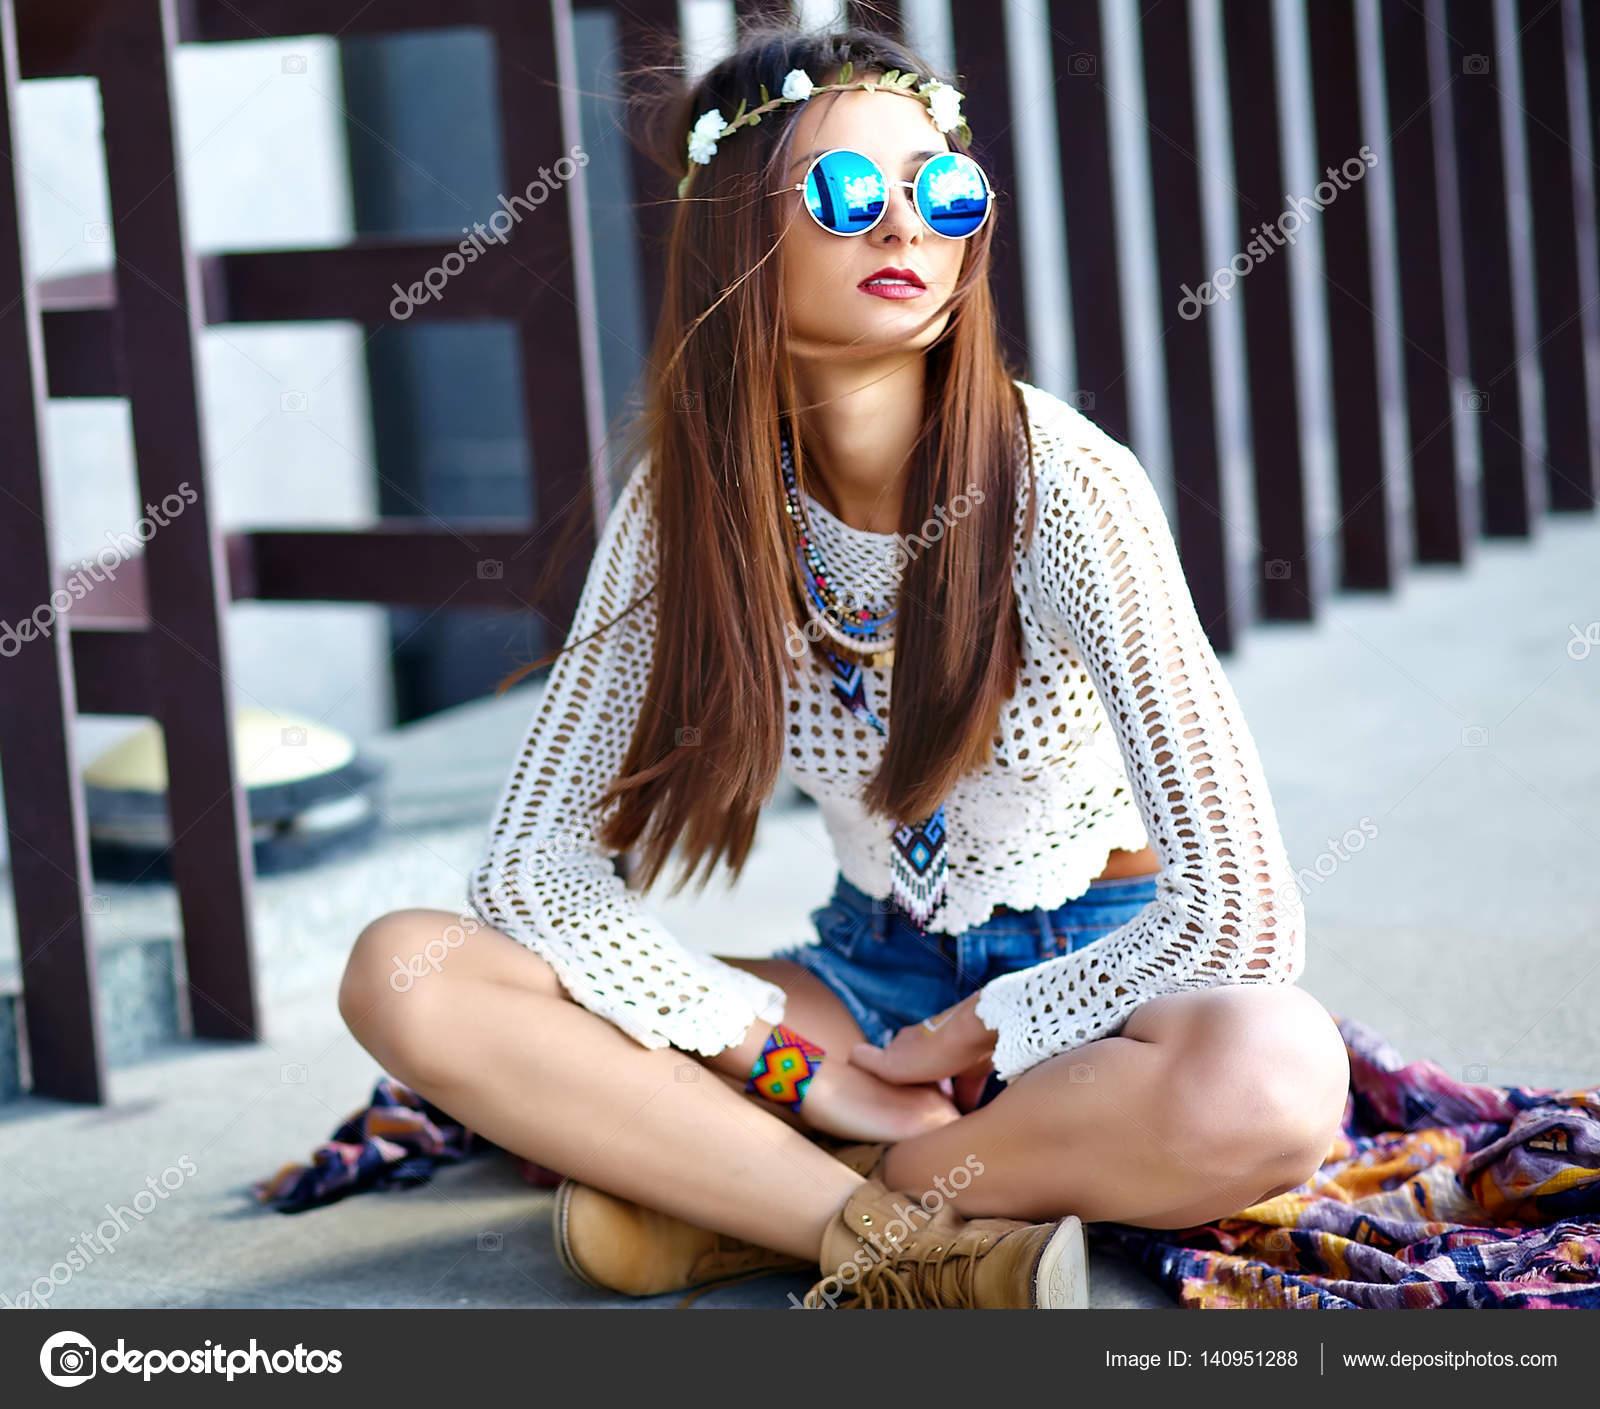 super popular 48fa8 d847d Modello di donna bella giovane hippy sorridente sexy in ...